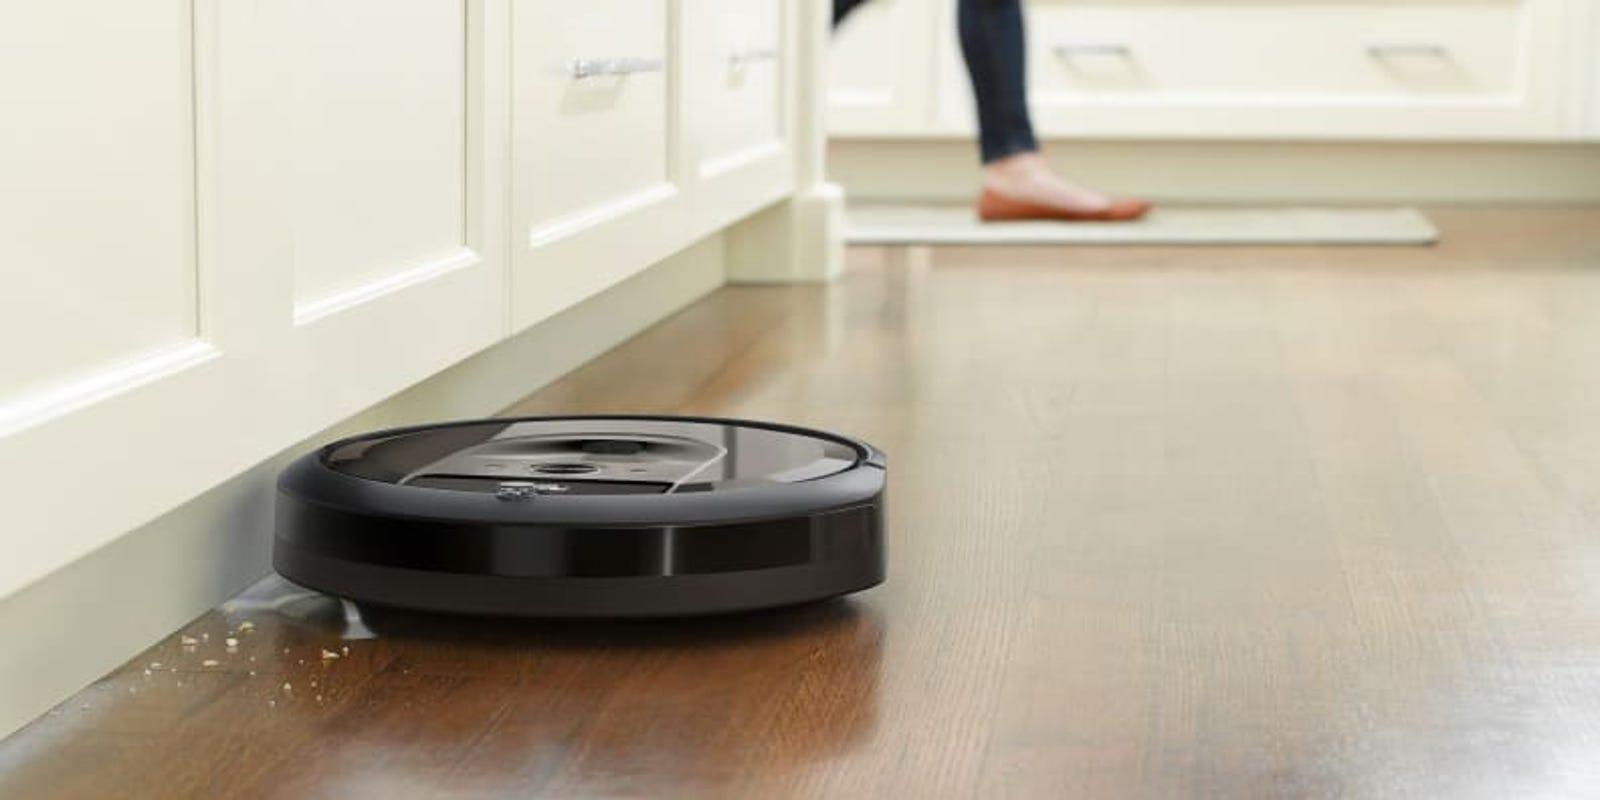 Robot Vacuum Deals On Roomba